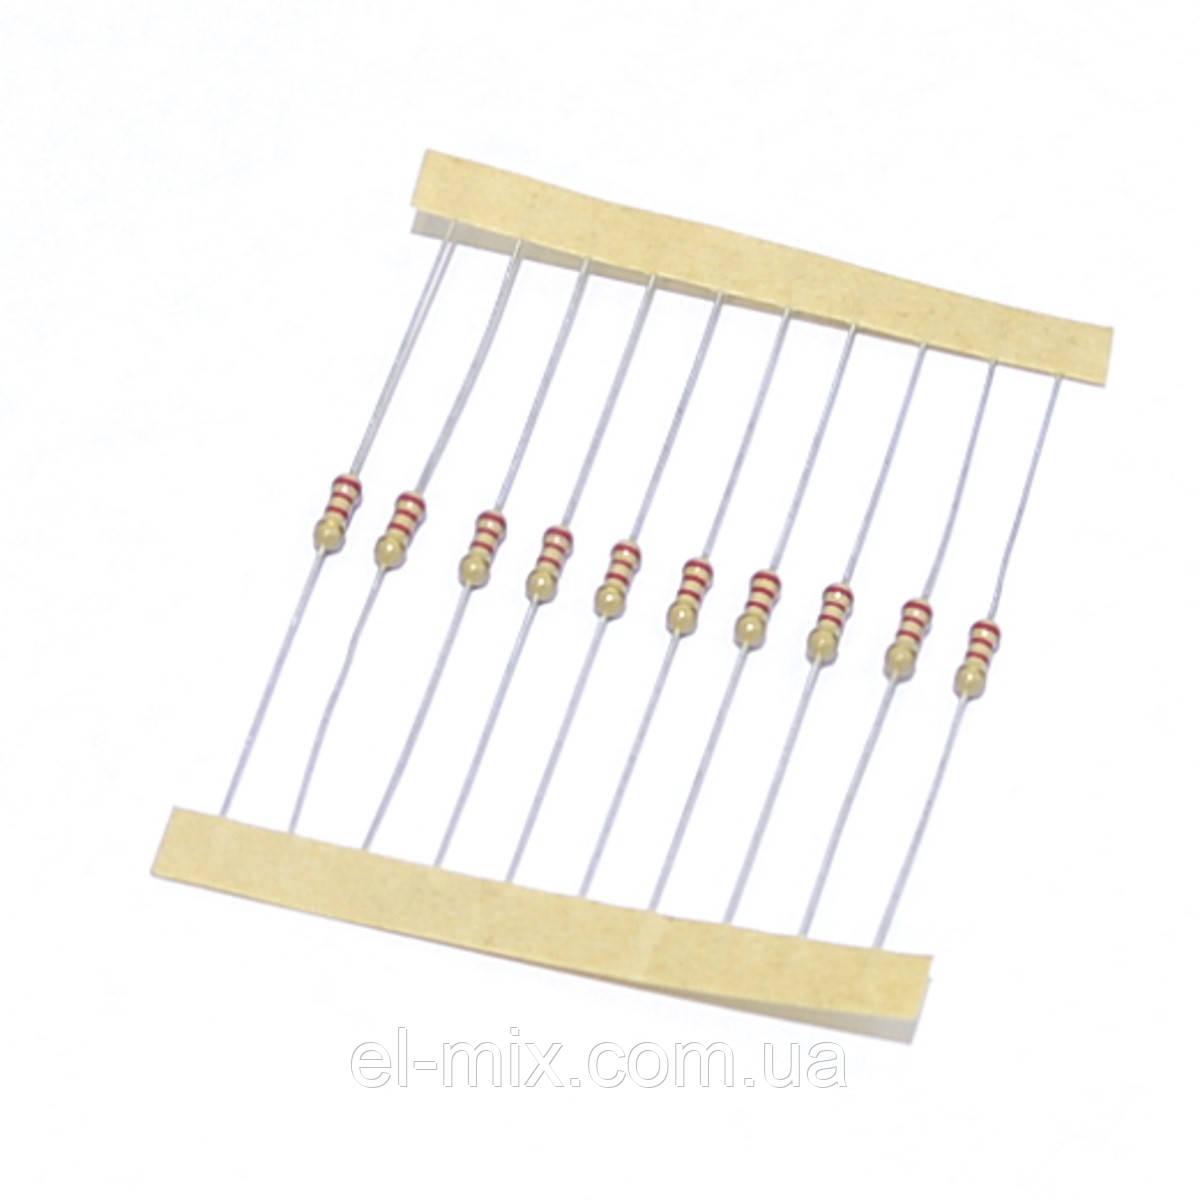 Резистор  0,25Вт 470 Om 5% (2,3х6,0мм), лента SR-Passives / уп.100 шт